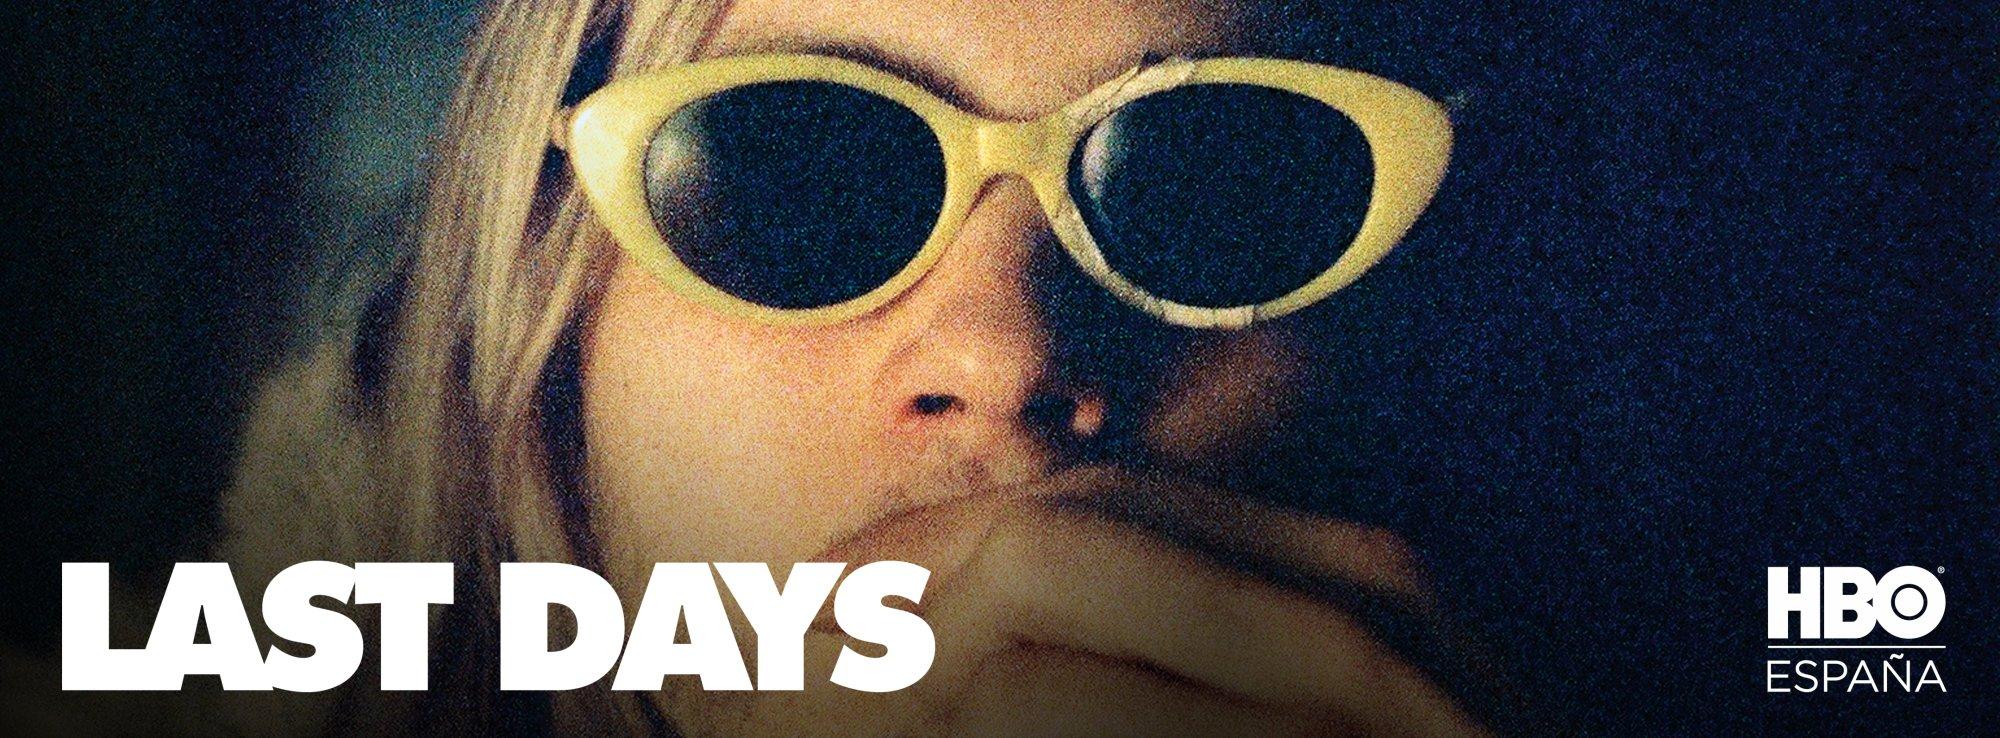 Este día HBO cede gratuitamente la proyección de su película original Last Days. ¡Una historia sorprendente!